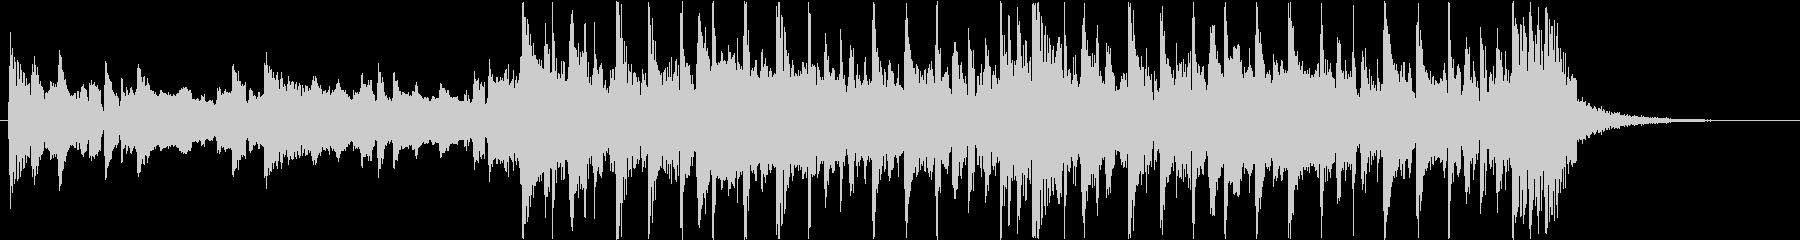 ウクレレ、ギター、リードシンセ、ス...の未再生の波形